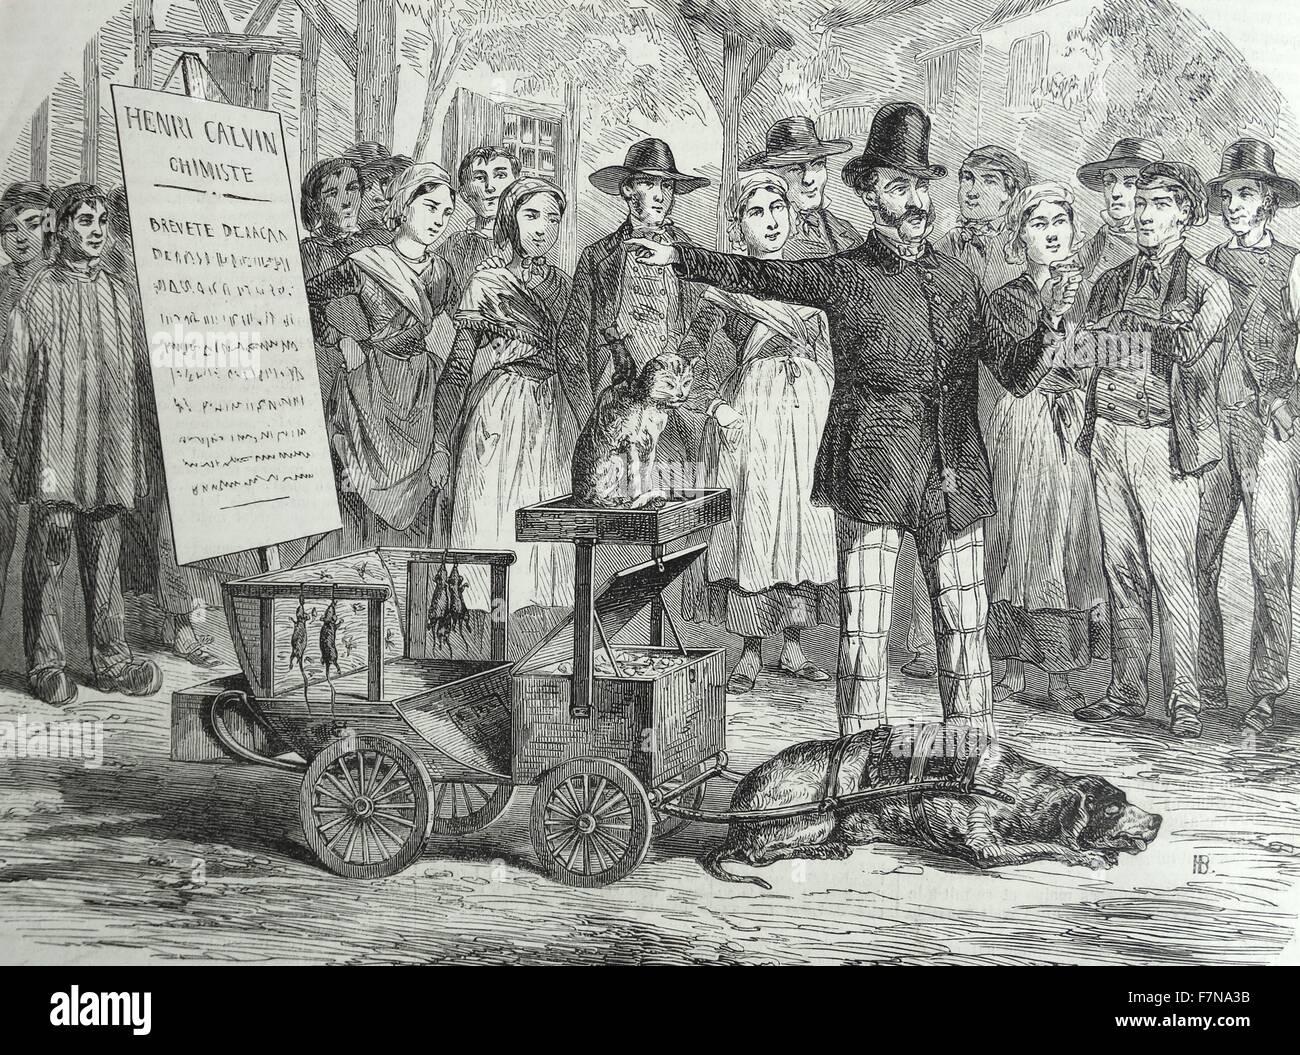 Incisione raffigurante un mercante promuovendo il suo gatto, killer dei ratti. Datata 1870 Immagini Stock